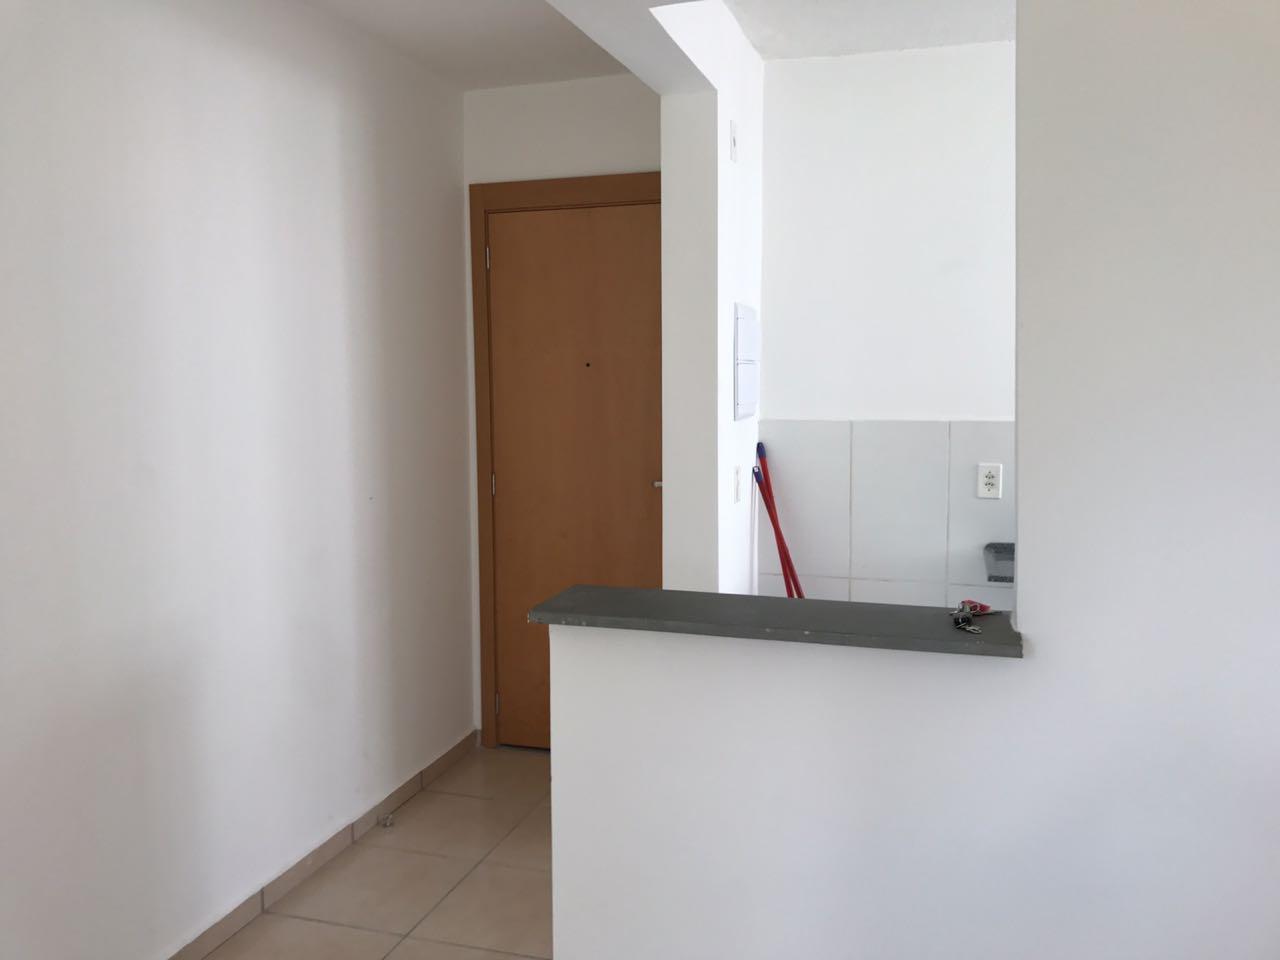 Apartamento  com 2 quartos no Parque Ohara, Cuiabá  - MT